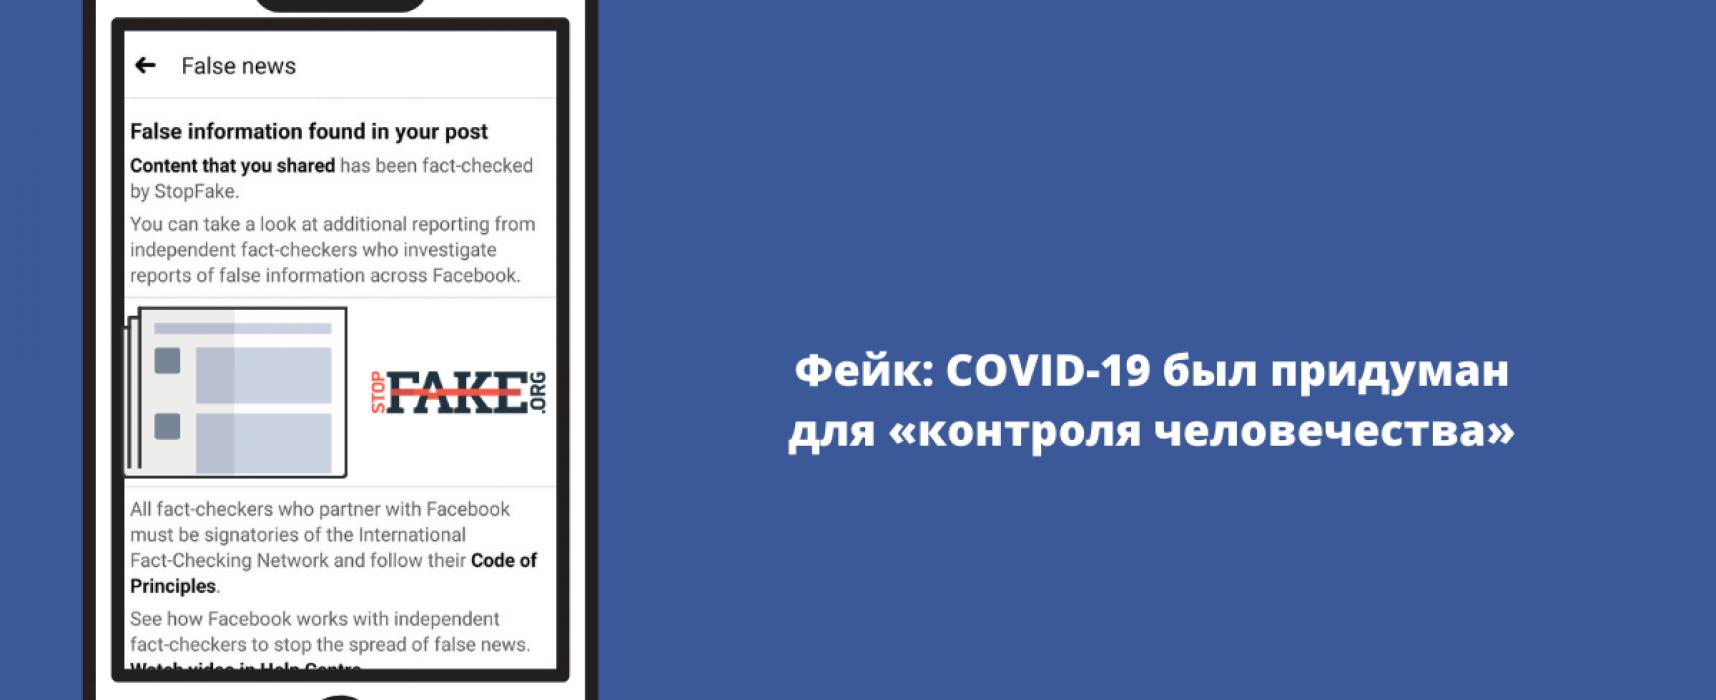 Фейк: COVID-19 был придуман для «контроля человечества»